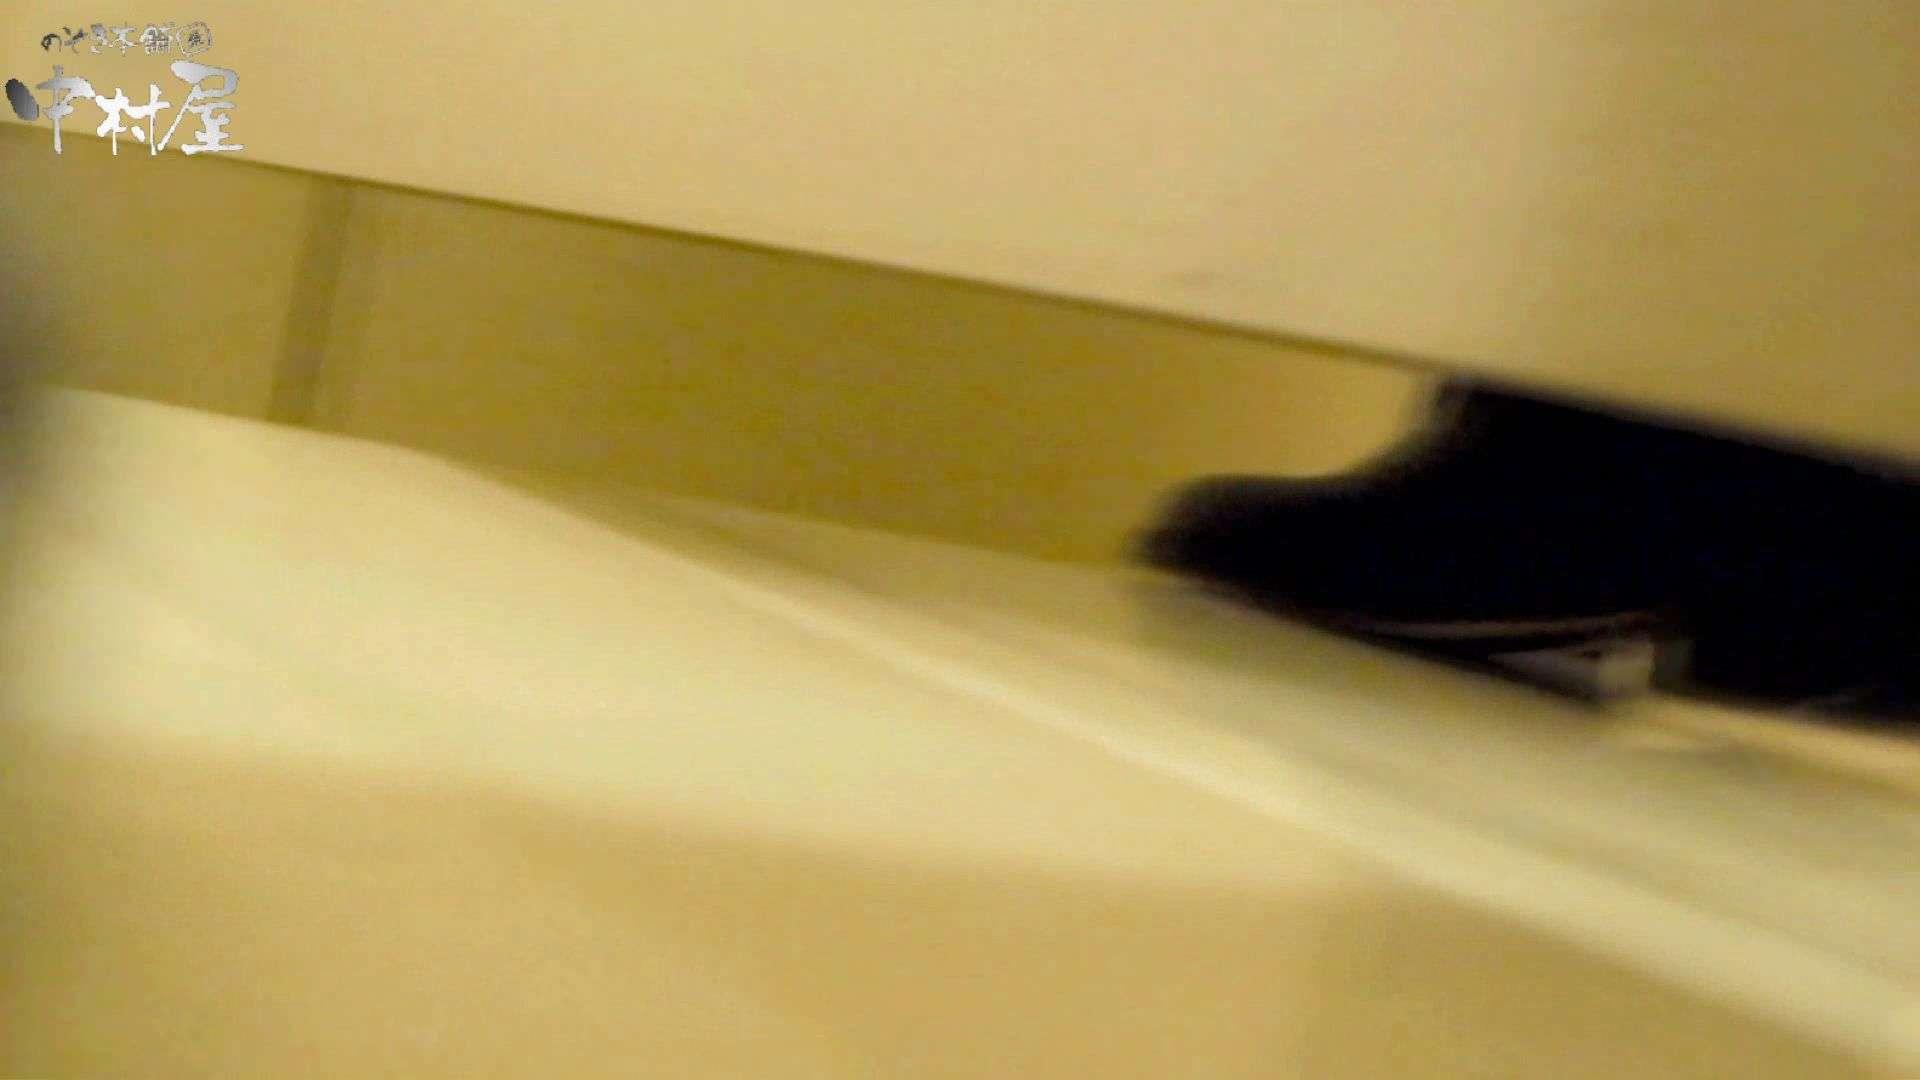 新世界の射窓 No72 モデル級なら個室から飛び出て追っかけます 洗面所  41連発 10